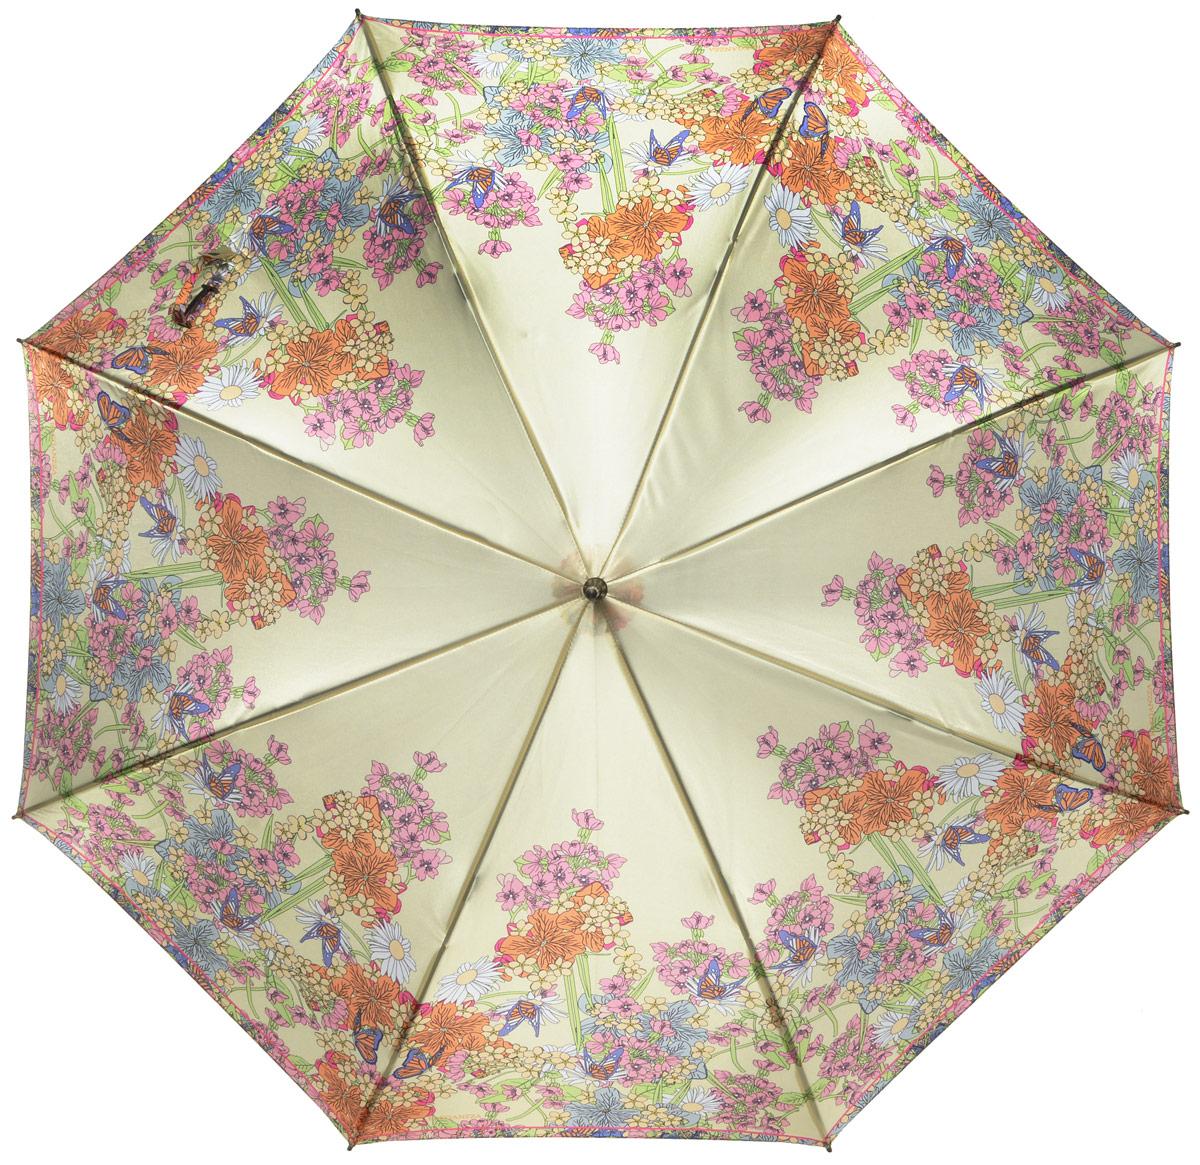 Зонт-трость женский Eleganzza, полуавтомат, 3 сложения, цвет: желтый, мультиколор. T-06-0301T-06-0301Элегантный женский зонт-трость Eleganzza не оставит вас незамеченной. Изделие оформлено оригинальным принтом в виде цветов. Зонт состоит из восьми спиц и стержня, изготовленных из стали и фибергласса. Купол выполнен из качественного полиэстера и сатина, которые не пропускают воду. Зонт дополнен удобной ручкой из акрила, которая имеет форму крючка. Также зонт имеет заостренный наконечник, который устраняет попадание воды на стержень и уберегает зонт от повреждений. Изделие имеет полуавтоматический механизм сложения: купол открывается нажатием кнопки на ручке, а складывается вручную до характерного щелчка. Оригинальный и практичный аксессуар даже в ненастную погоду позволит вам оставаться женственной и привлекательной.